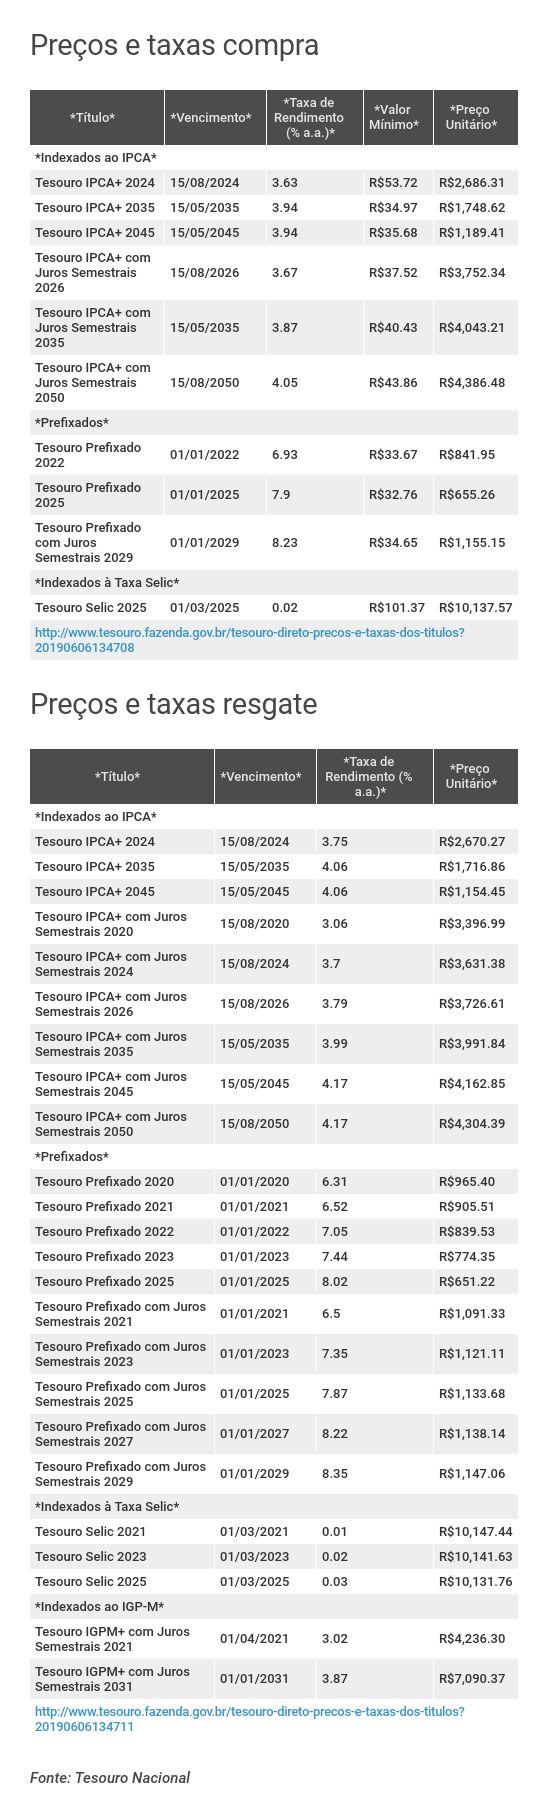 Preços e taxas do Tesouro Direto em 06 de junho de 2019 - abertura